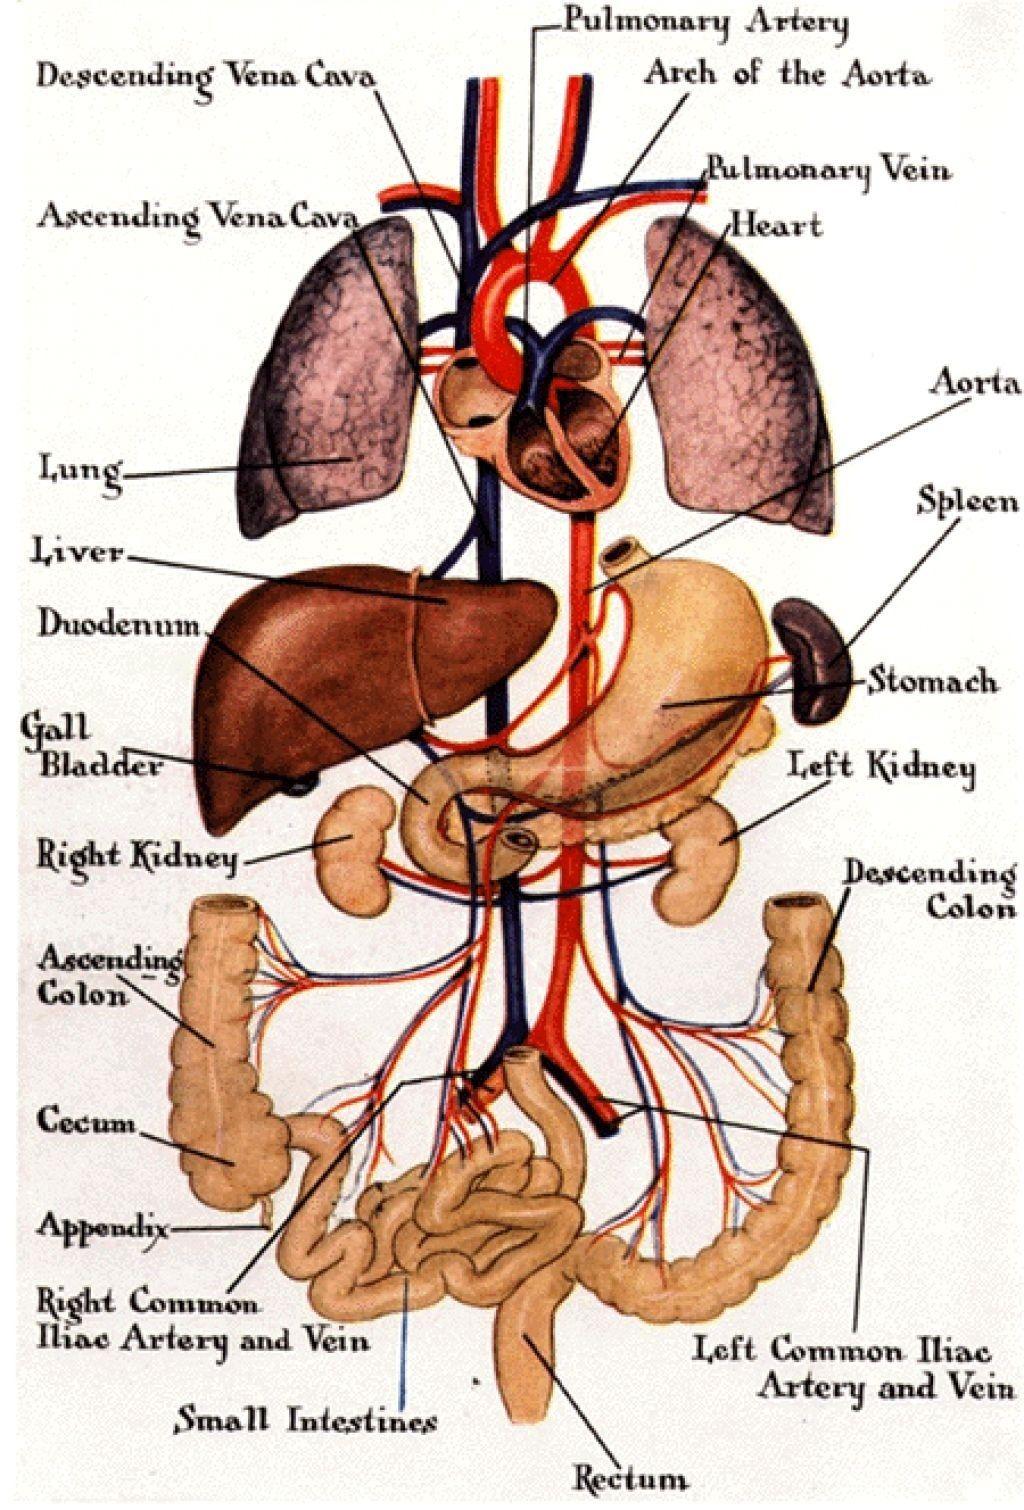 medium resolution of internal human body diagram internal human body diagram human anatomy anatomy organs body organs location